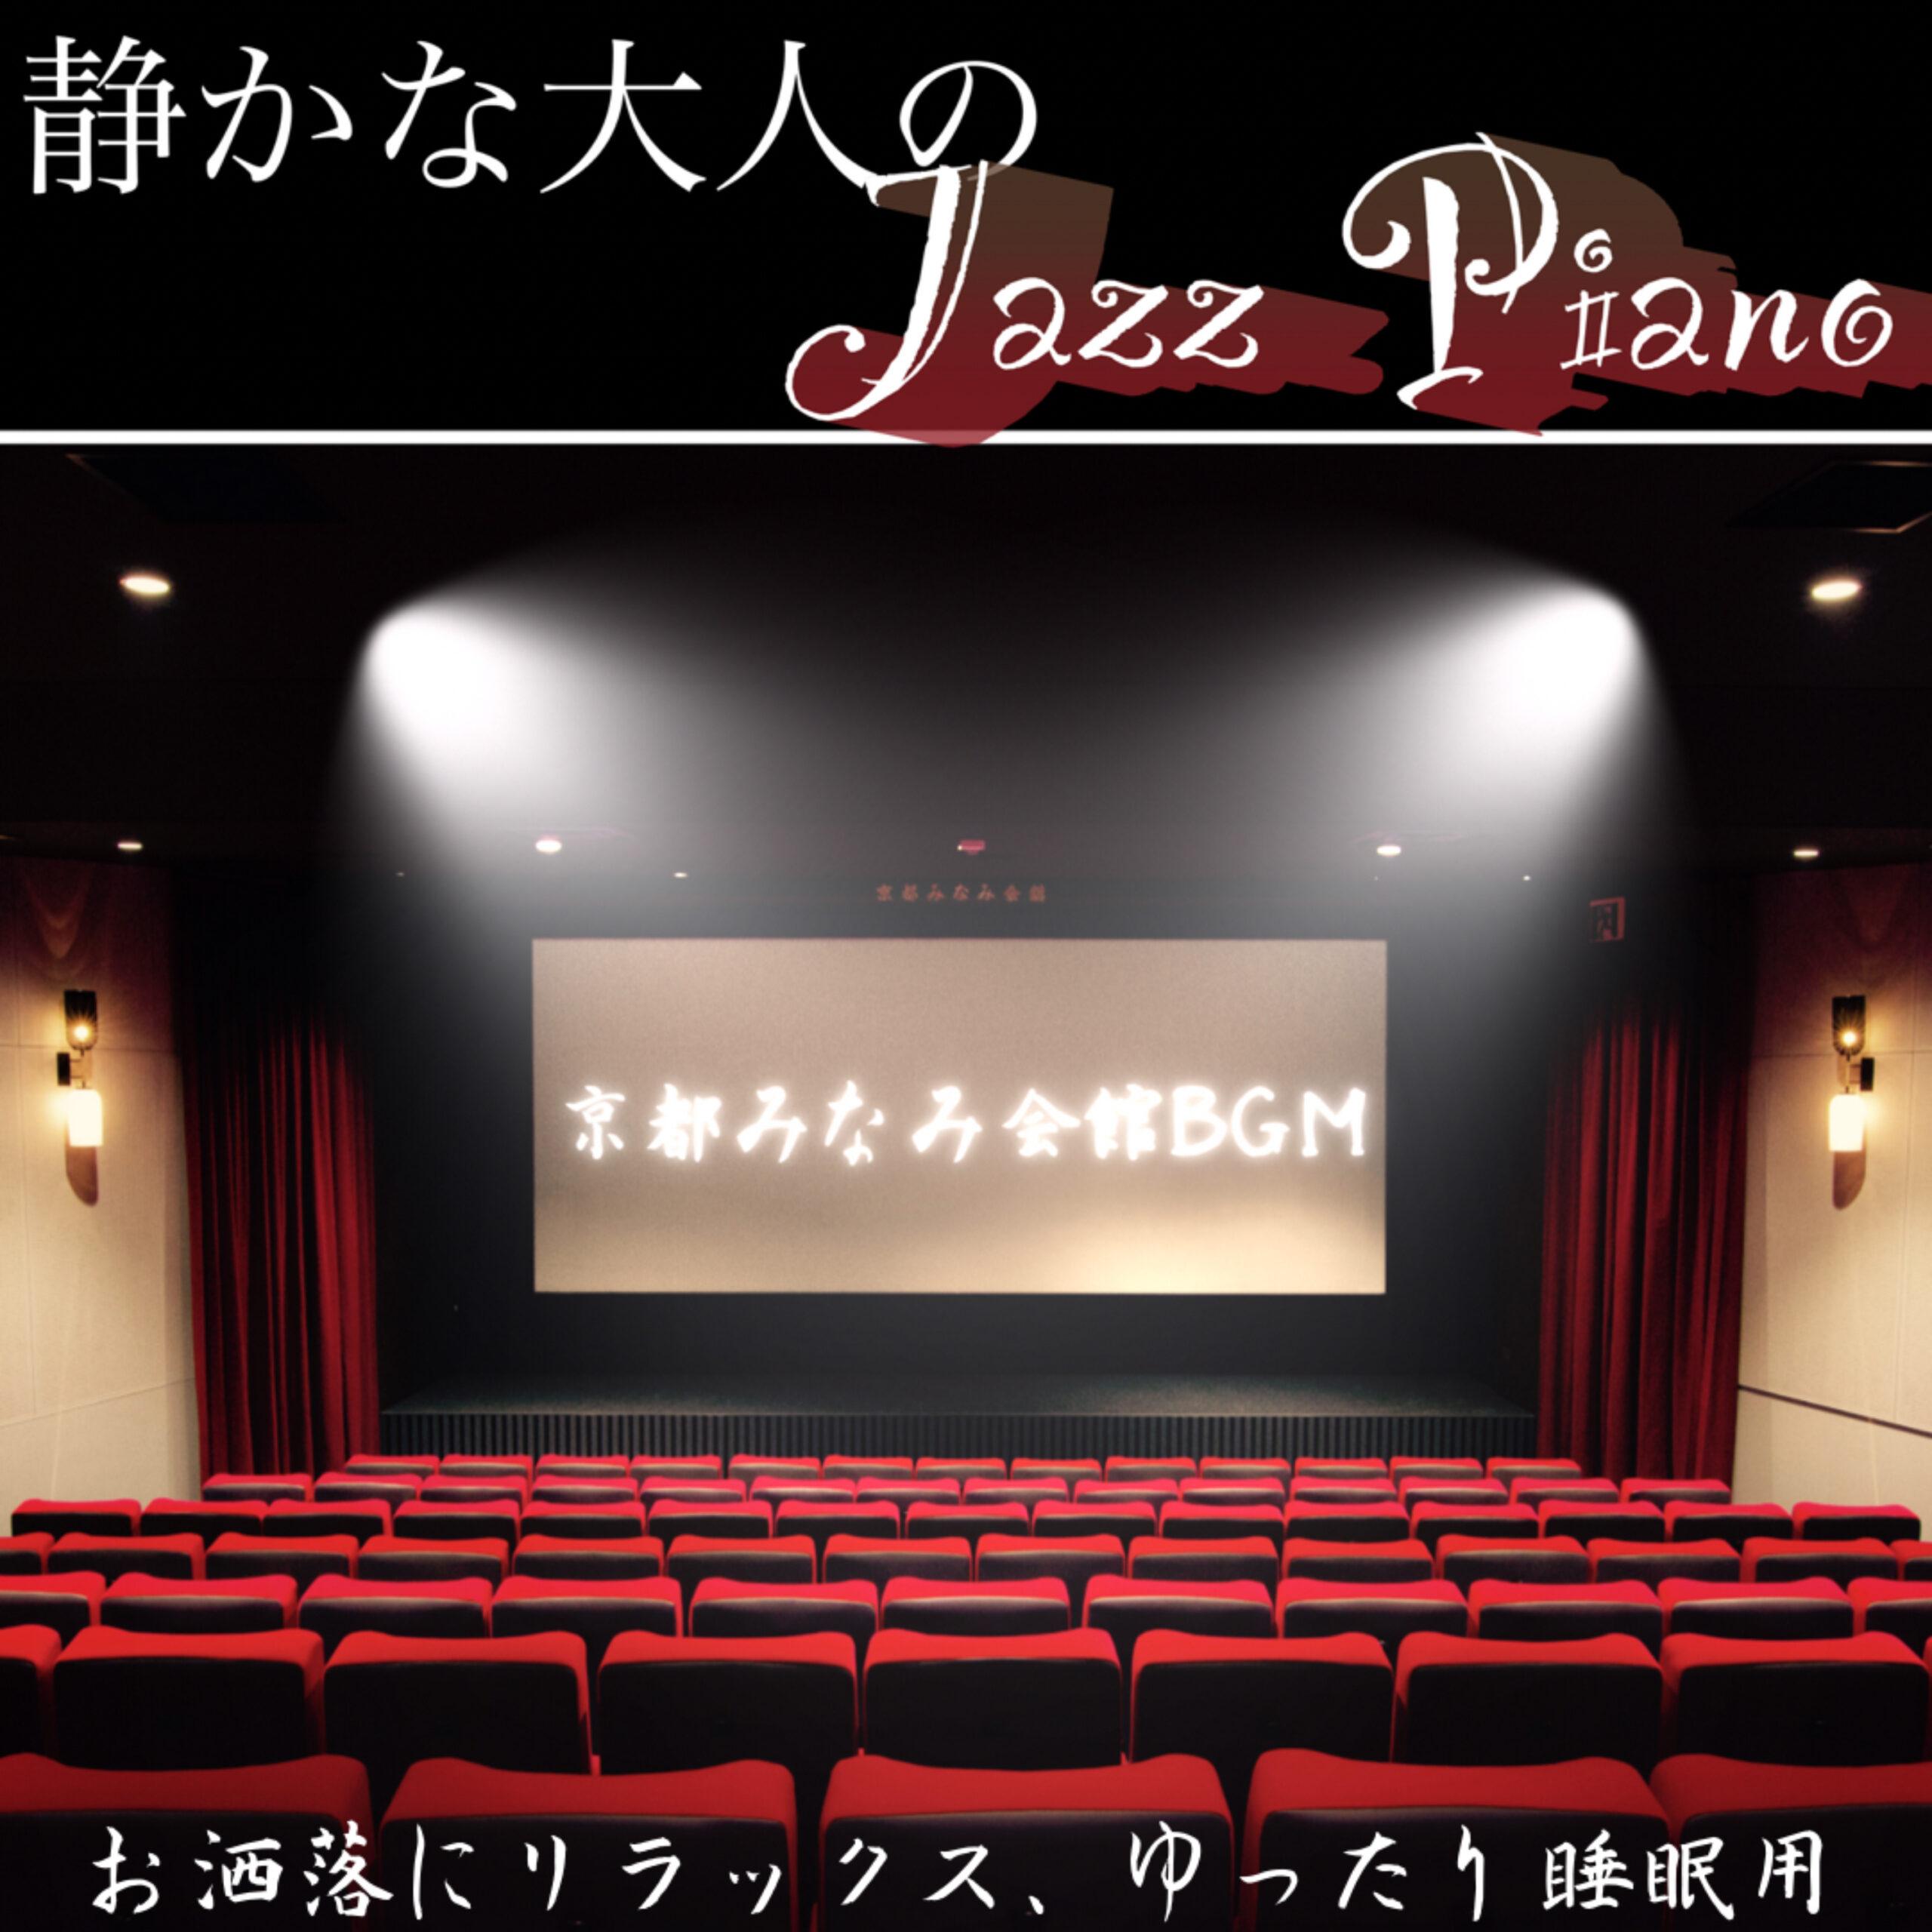 静かな大人のJazz Piano おしゃれにリラックス、ゆったり睡眠用 京都みなみ会館BGM